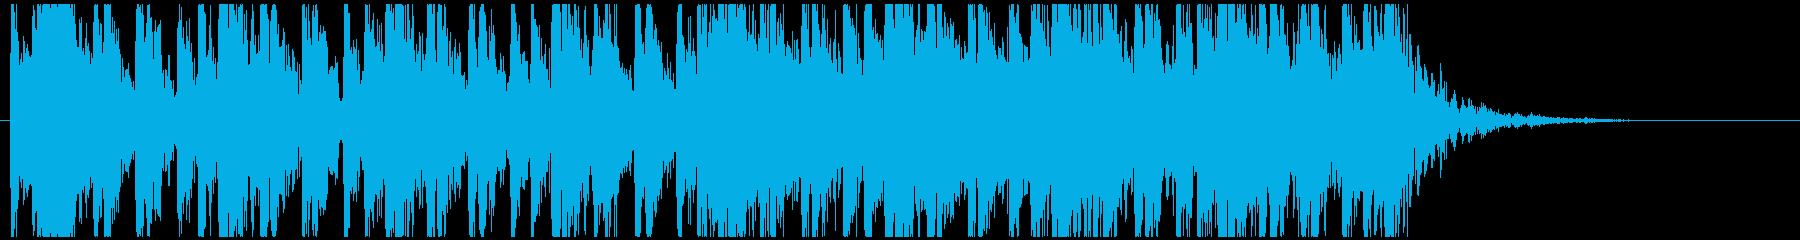 和太鼓のフレーズ3 残響ありBPM140の再生済みの波形